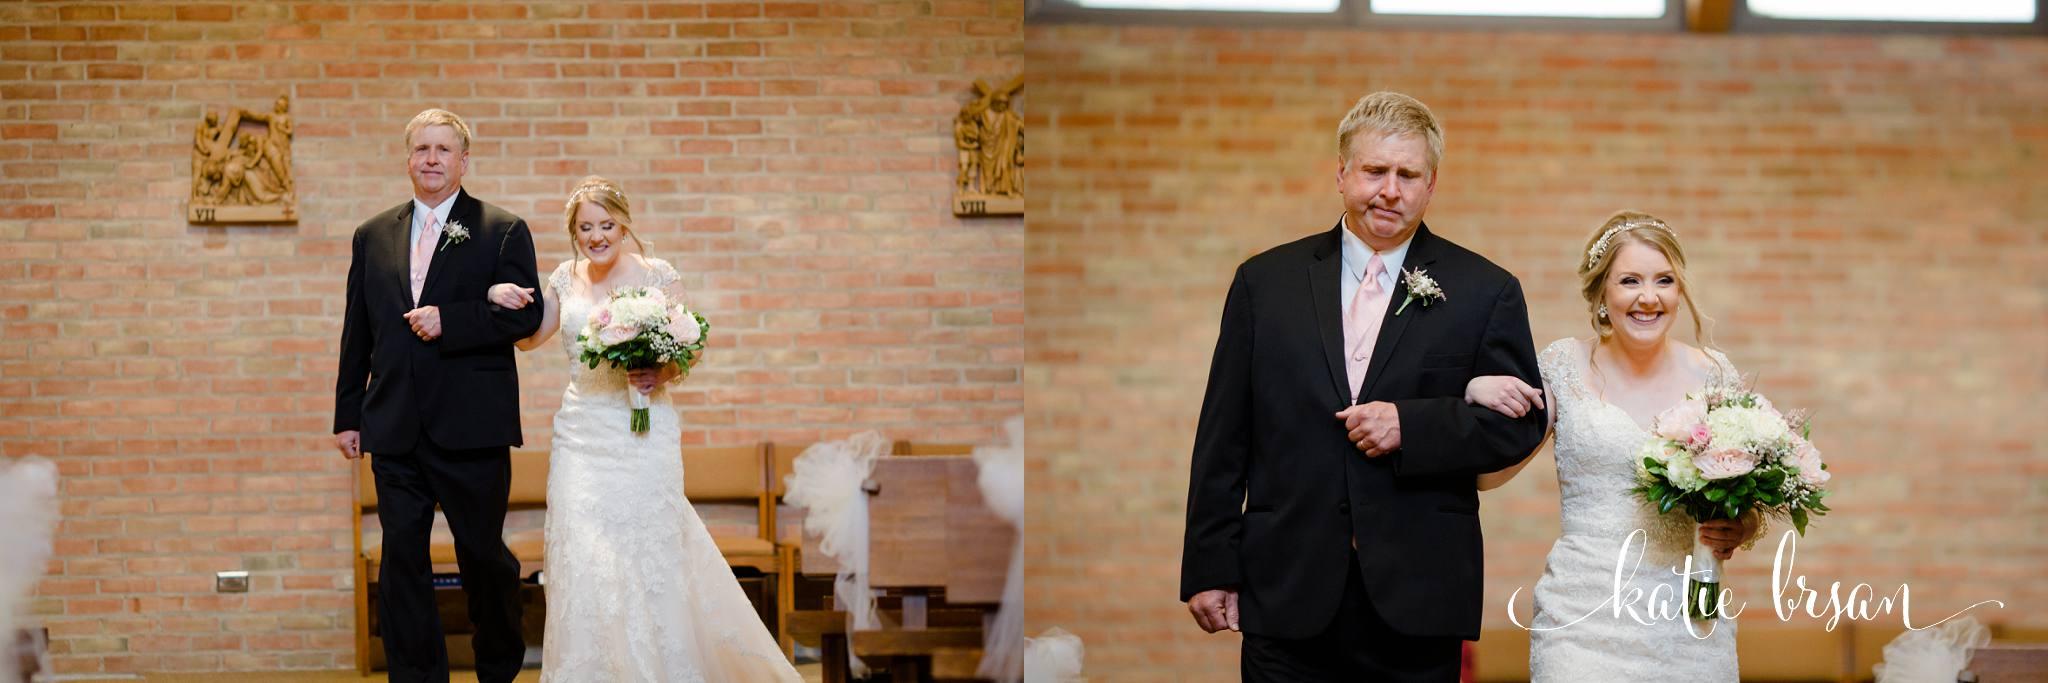 Mokena_Lemont_Wedding_Ruffled_Feathers_Wedding_1346.jpg